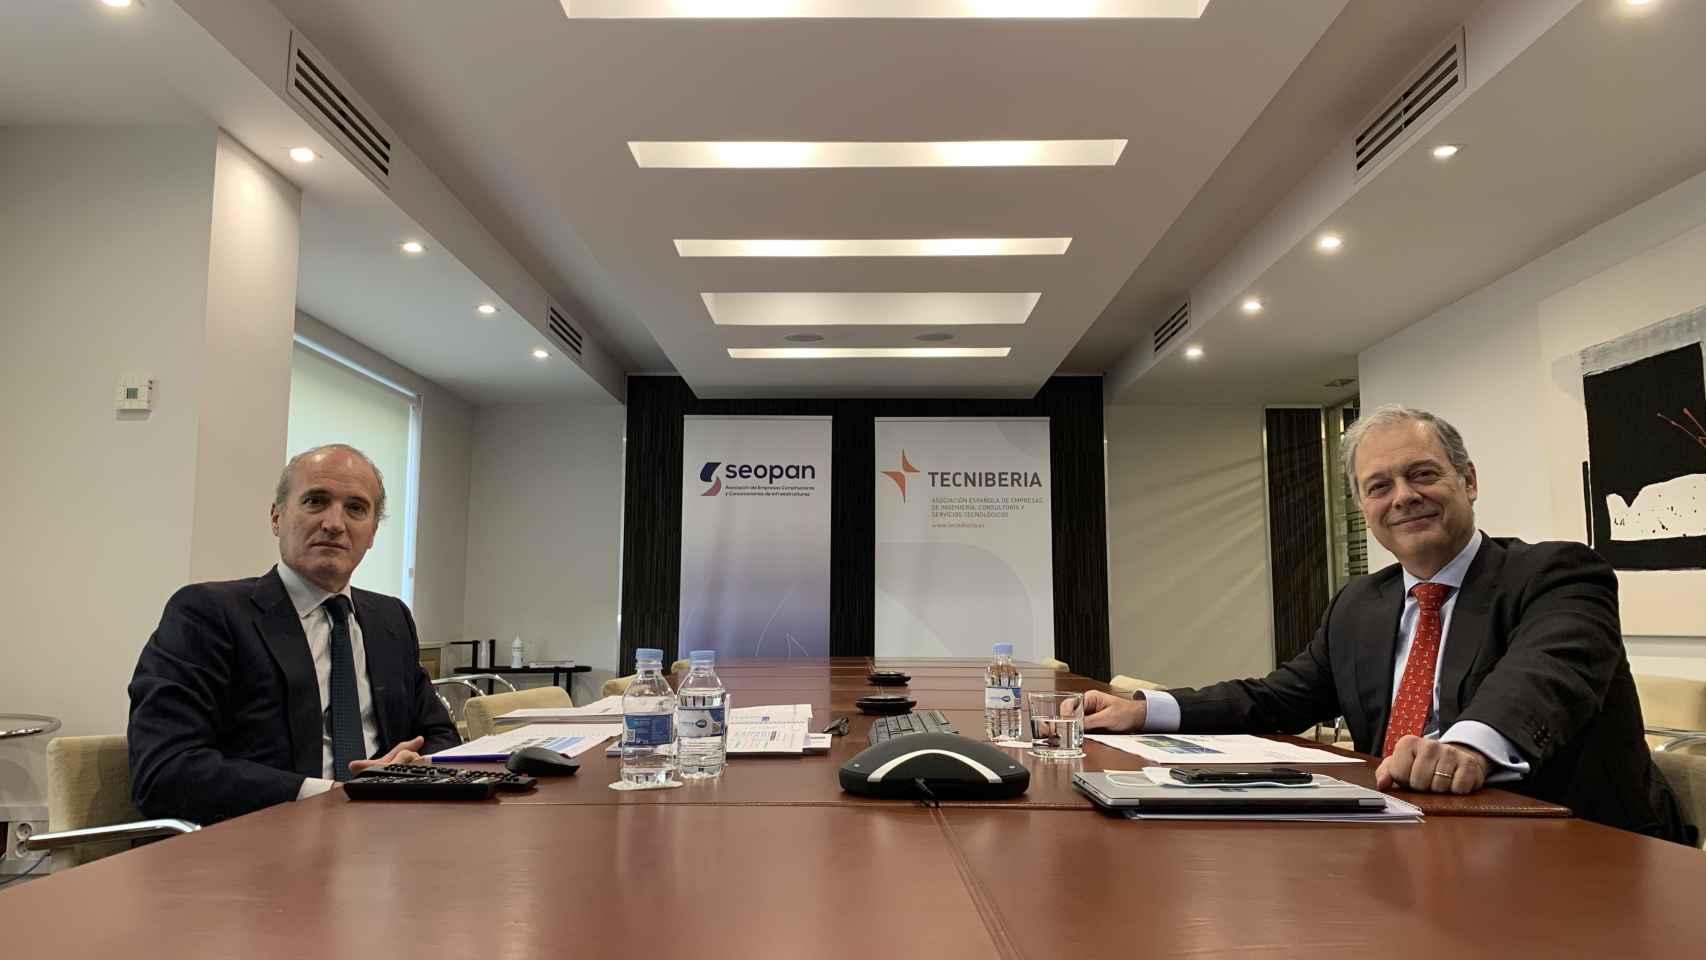 Los presidentes de Seopan y Tecniberia, Julián Núñez y Pablo Bueno, respectivamente, en la rueda de prensa de presentación del plan.